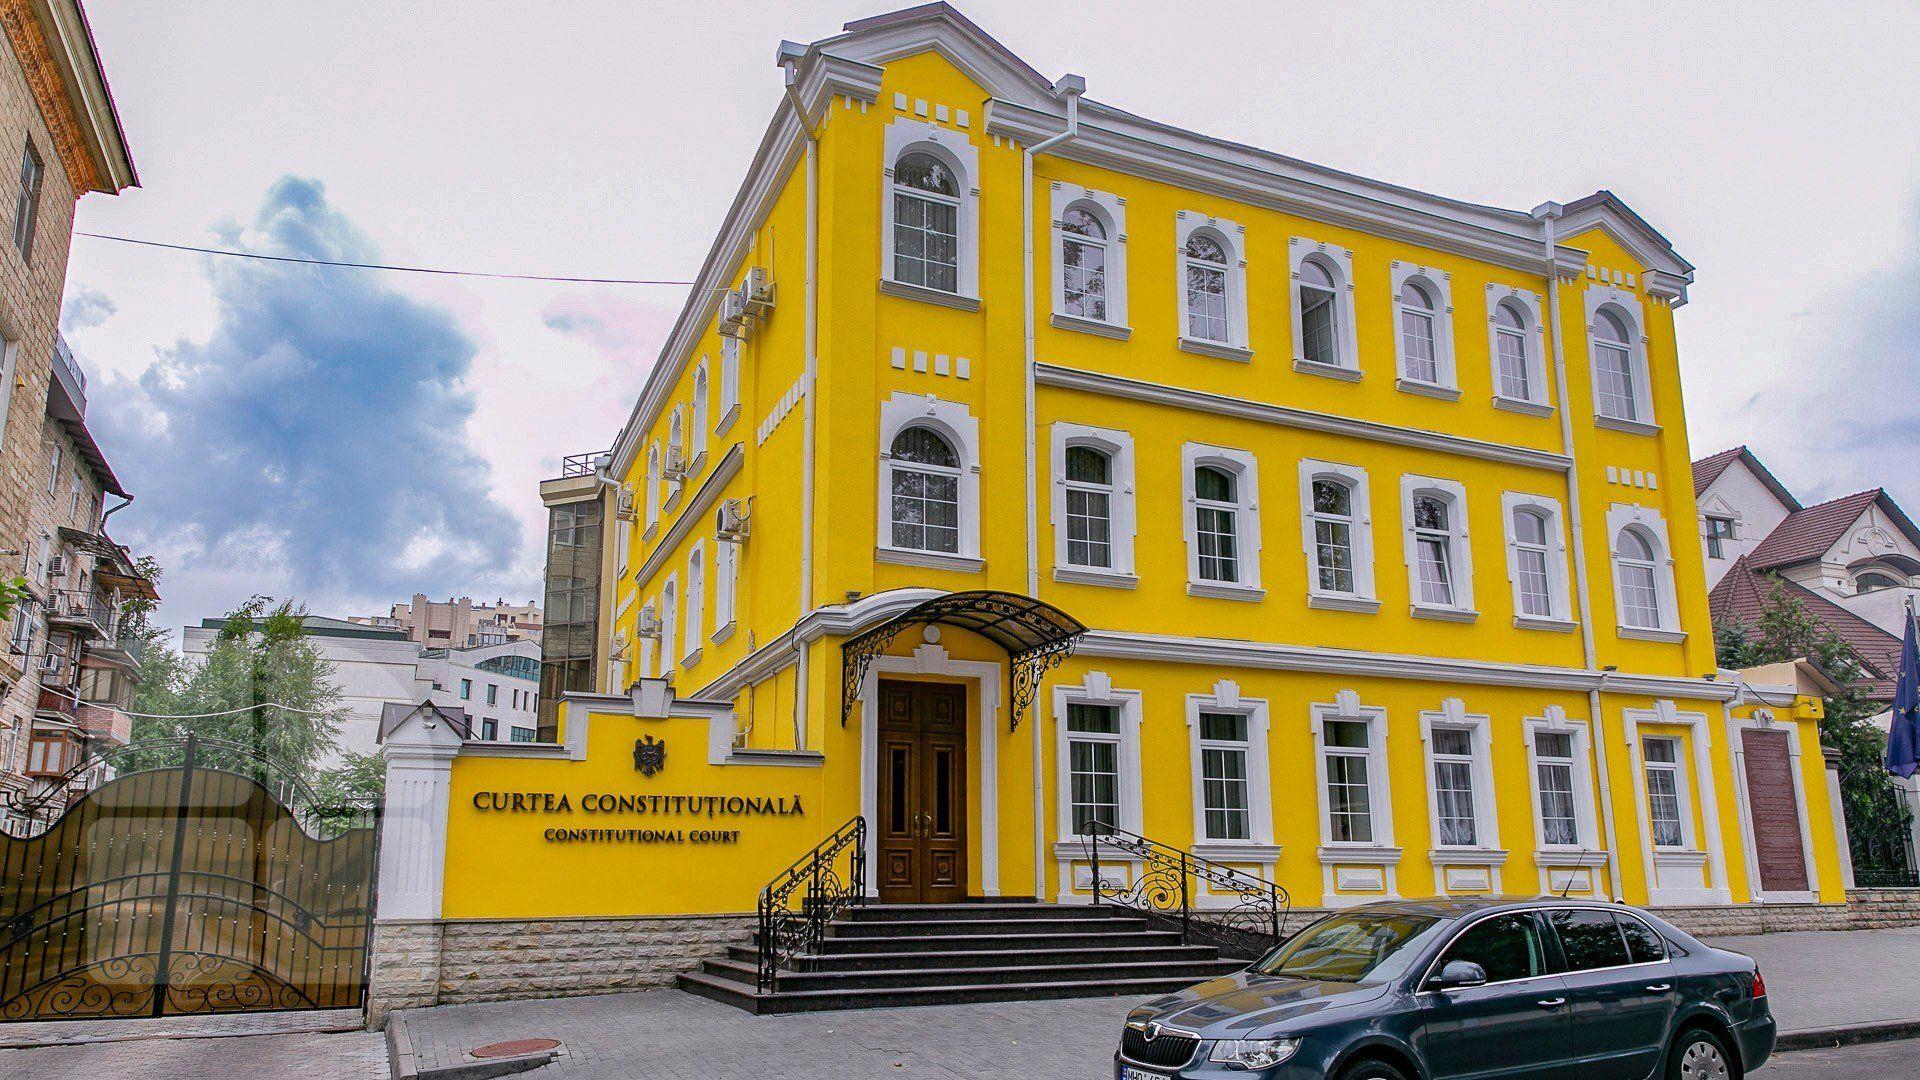 Решение Конституционного суда - удар по Стояногло: Ходатайство о приостановлении внесения поправок в Закон о прокуратуре отклонено